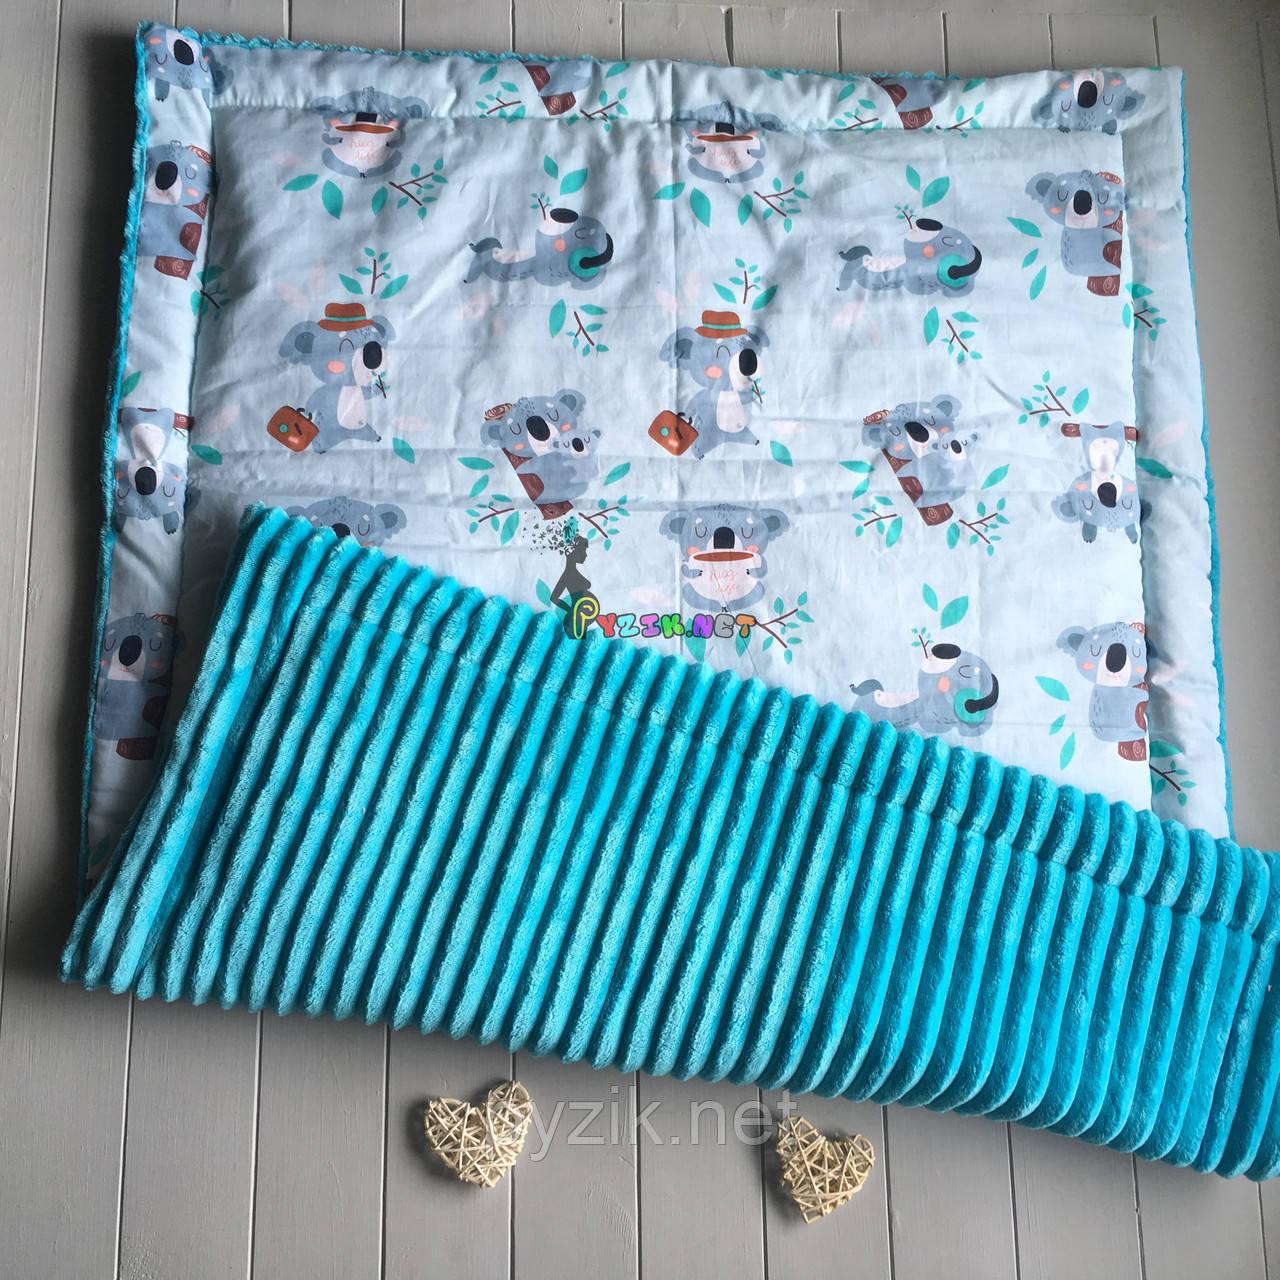 Плюшевый плед Minky с хлопковой подкладкой, бирюзовый